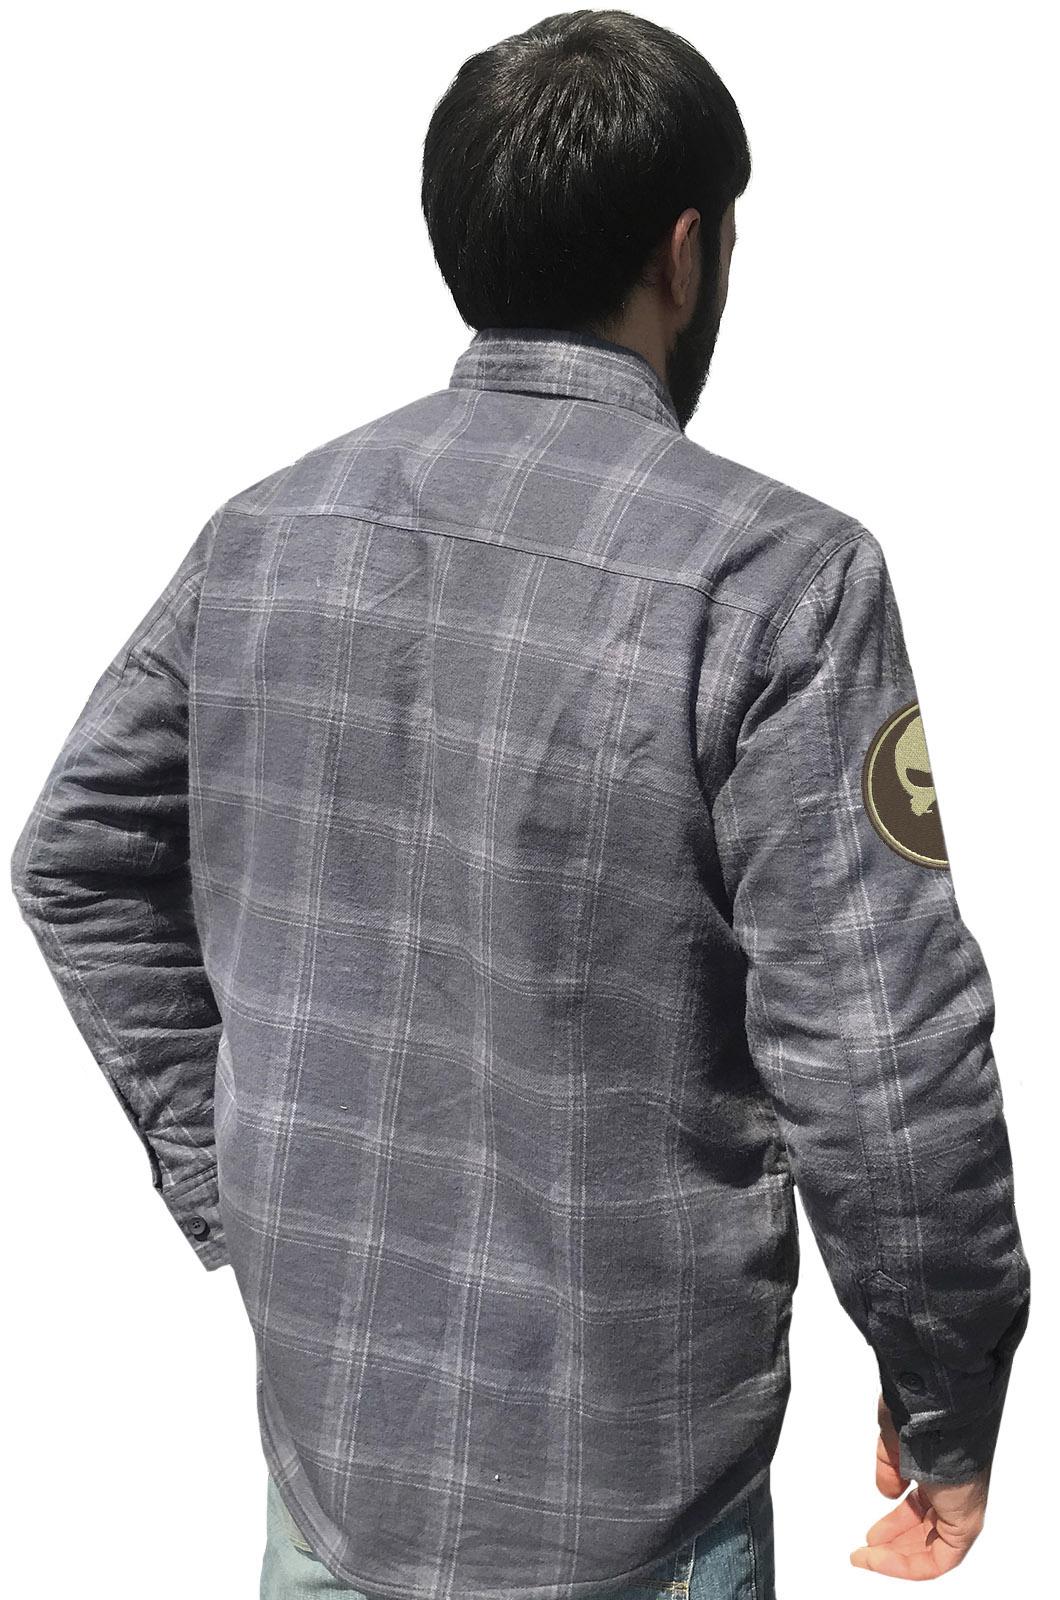 Купить клетчатую крутую рубашку с вышитым шевроном Каратель в подарок мужу